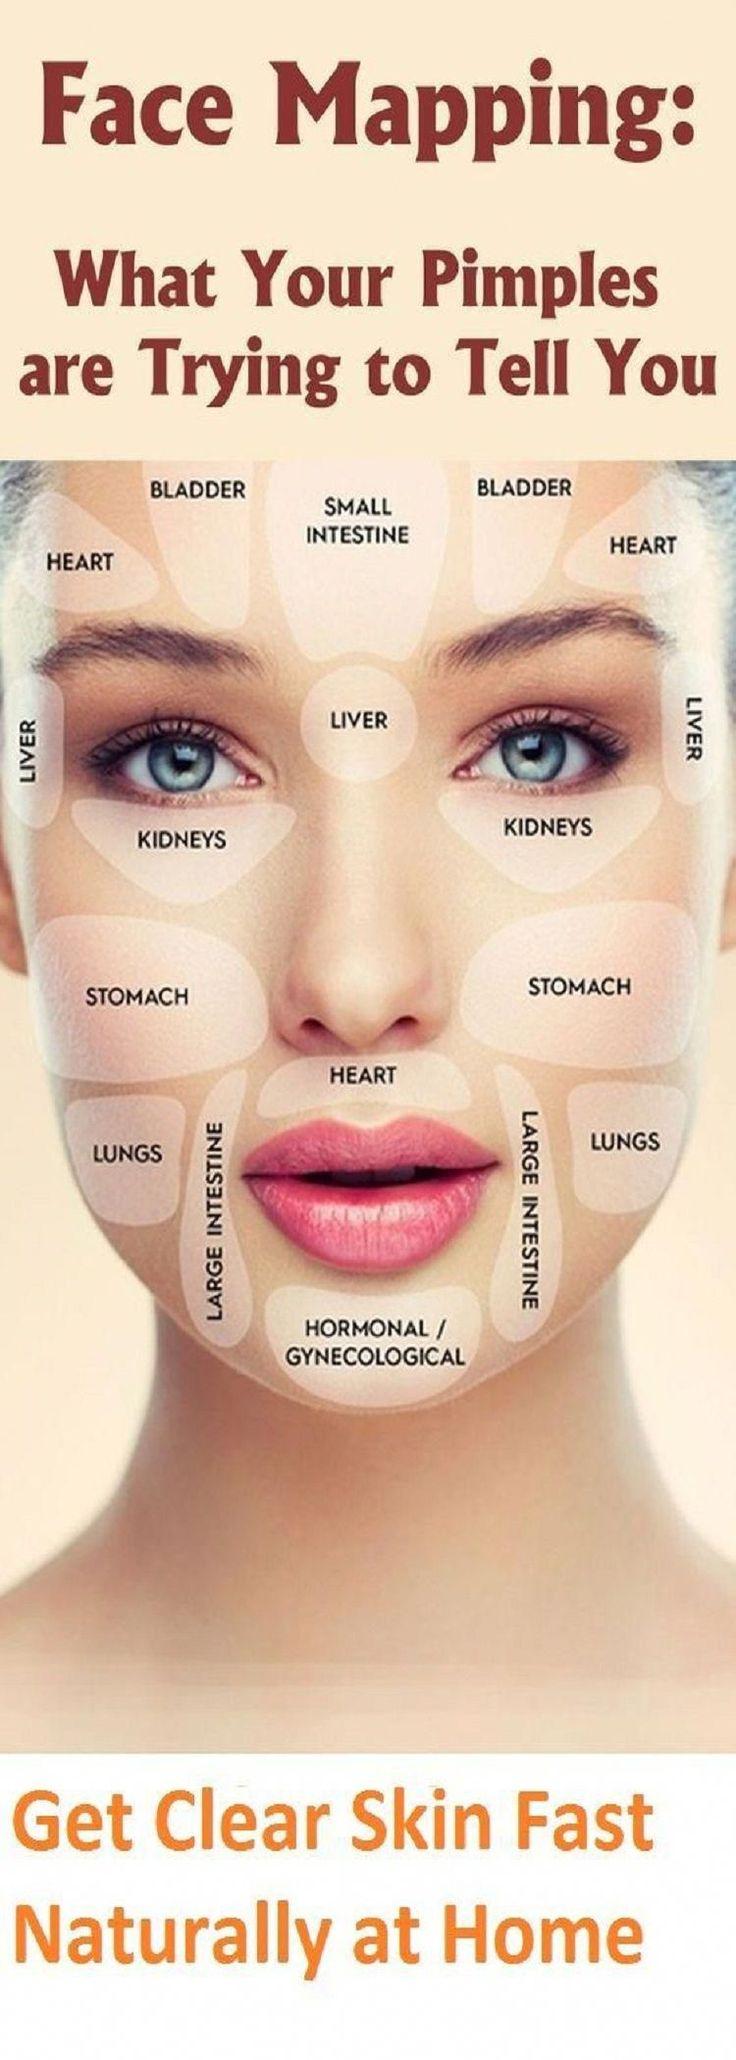 Anti-Aging-Hautprodukte, Natürliche Hautpflege, Beauty Hacks, Klare Haut schnell, Wie … – skin-care Videos